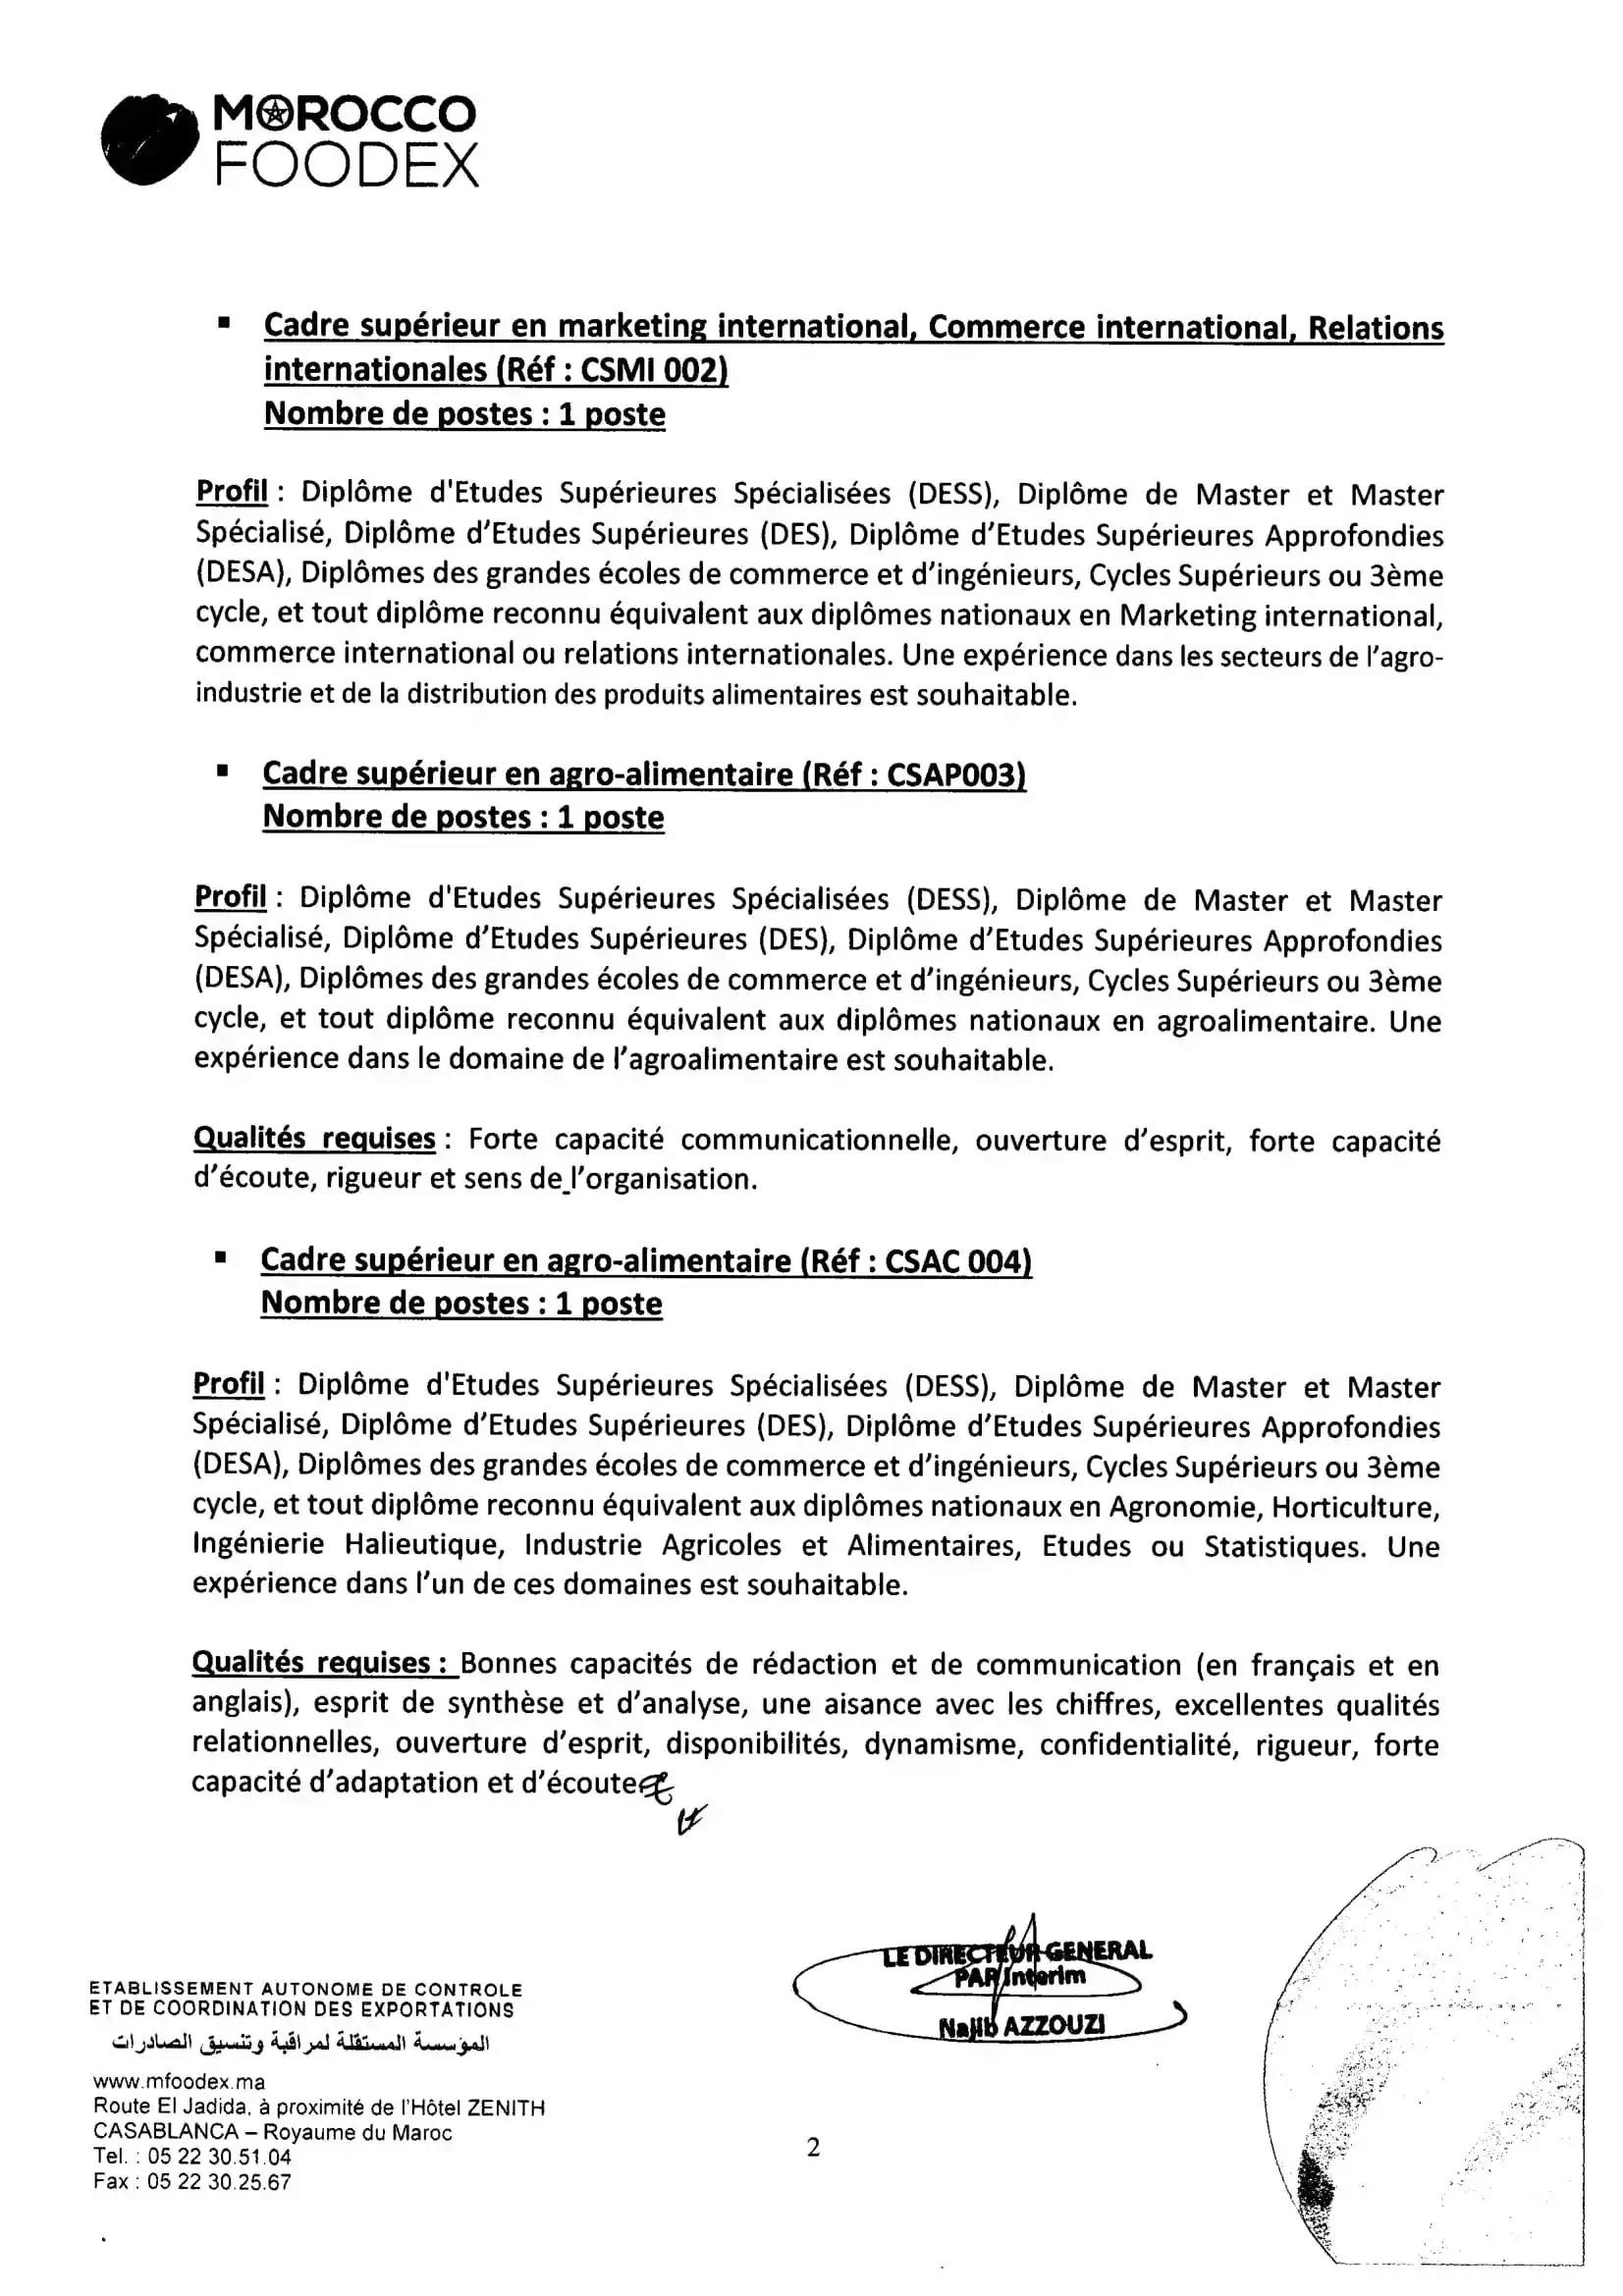 المؤسسة المستقلة لمراقبة وتنسيق الصادرات مباراة توظيف 12 منصب في عدة تخصصات آخر أجل 28 اكتوبر 2020 Avis-c16